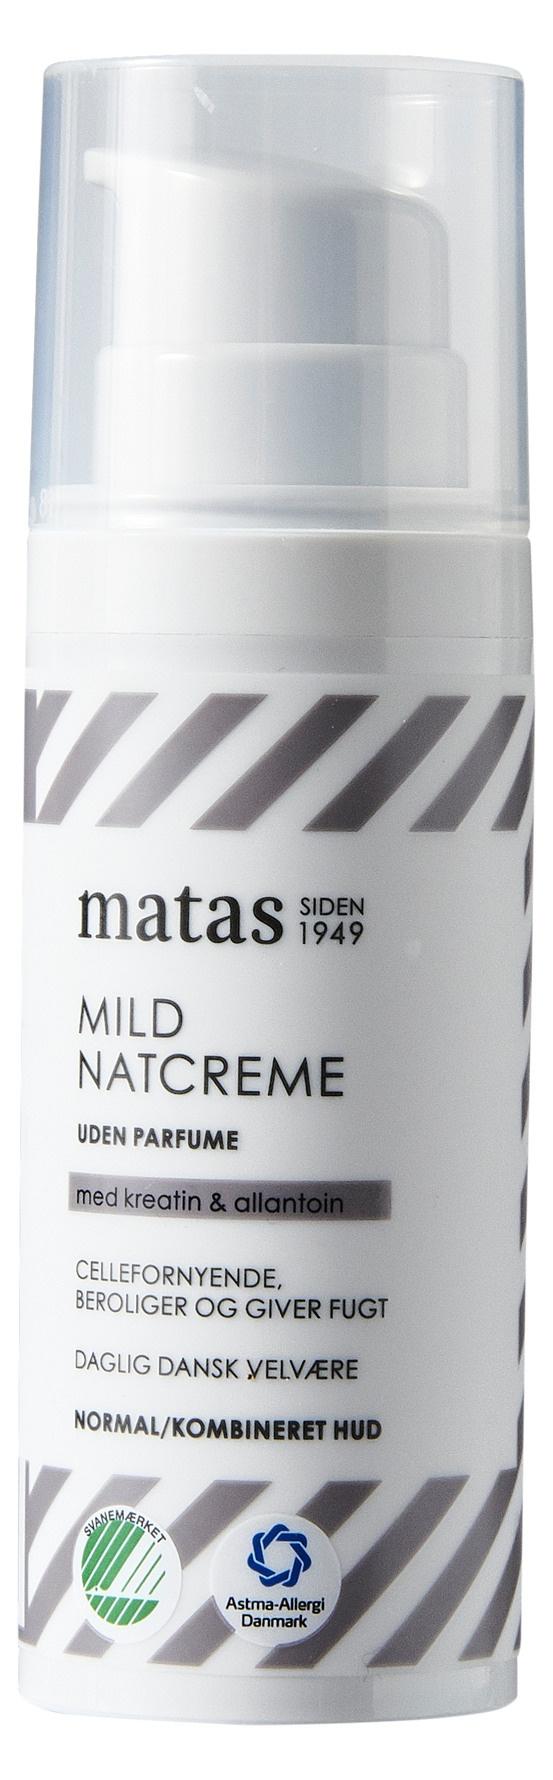 Matas Striber Mild Natcreme Til Normal/Kombineret Hud Uden Parfume